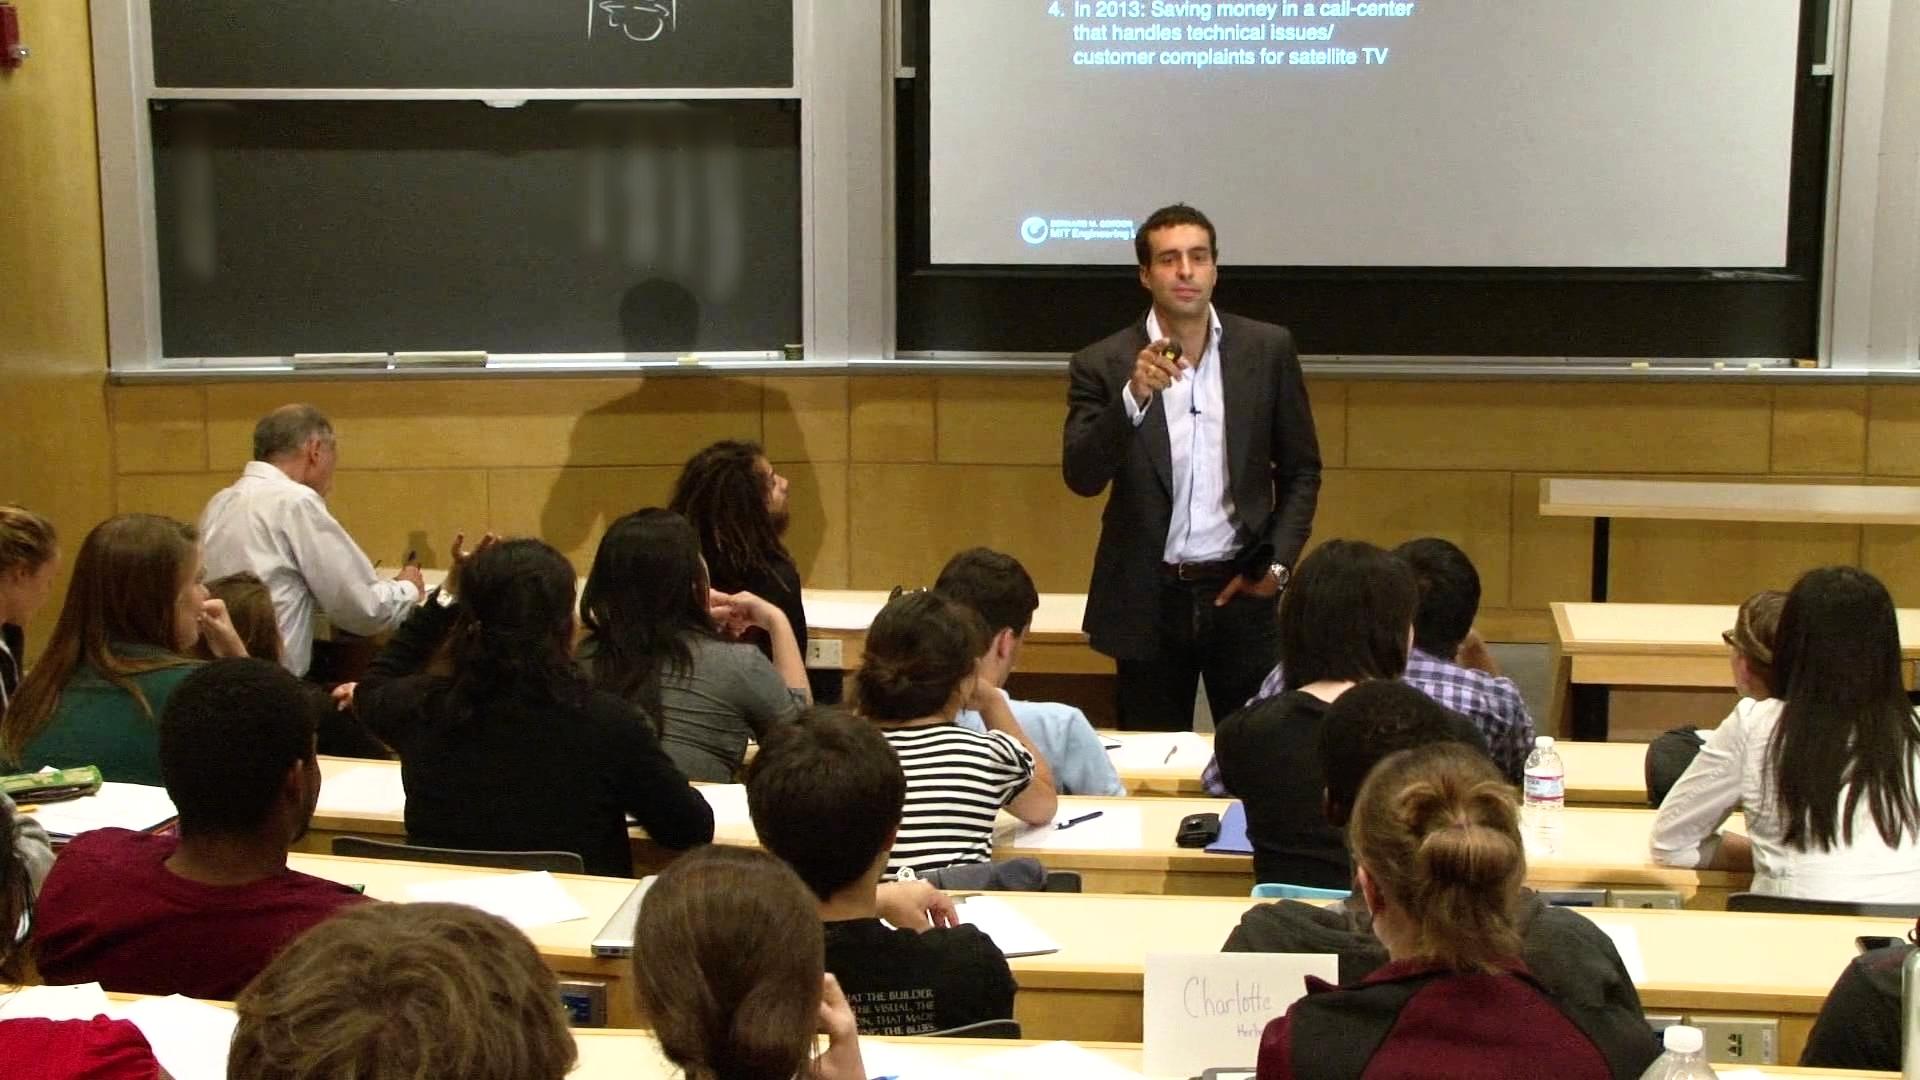 Blade Kotelly teaching at MIT